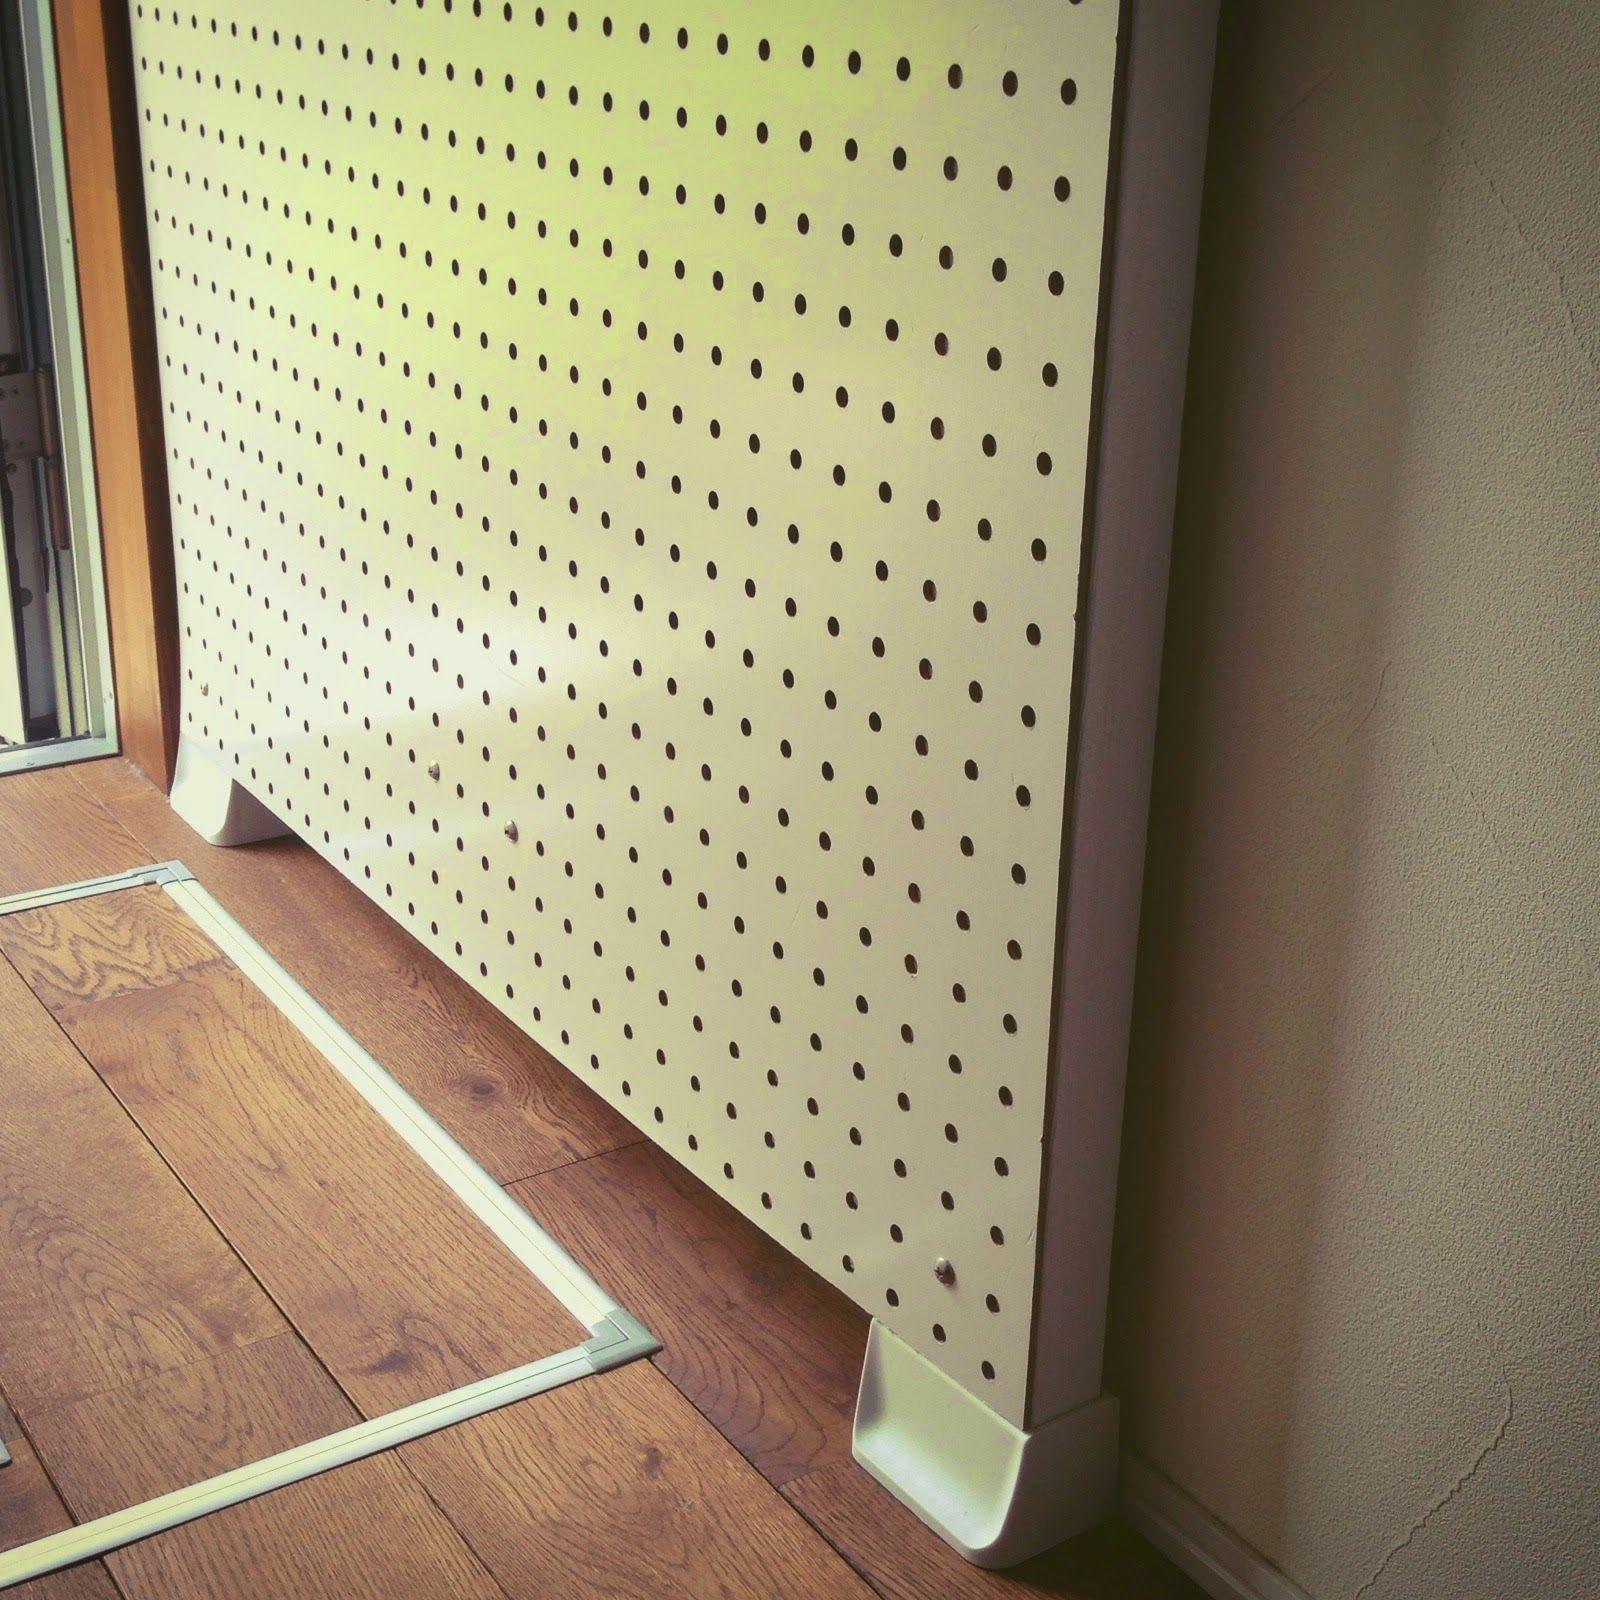 簡単diy 2x4木材が突っ張り棒に大変身 木材 ディアウォール 突っ張り棒